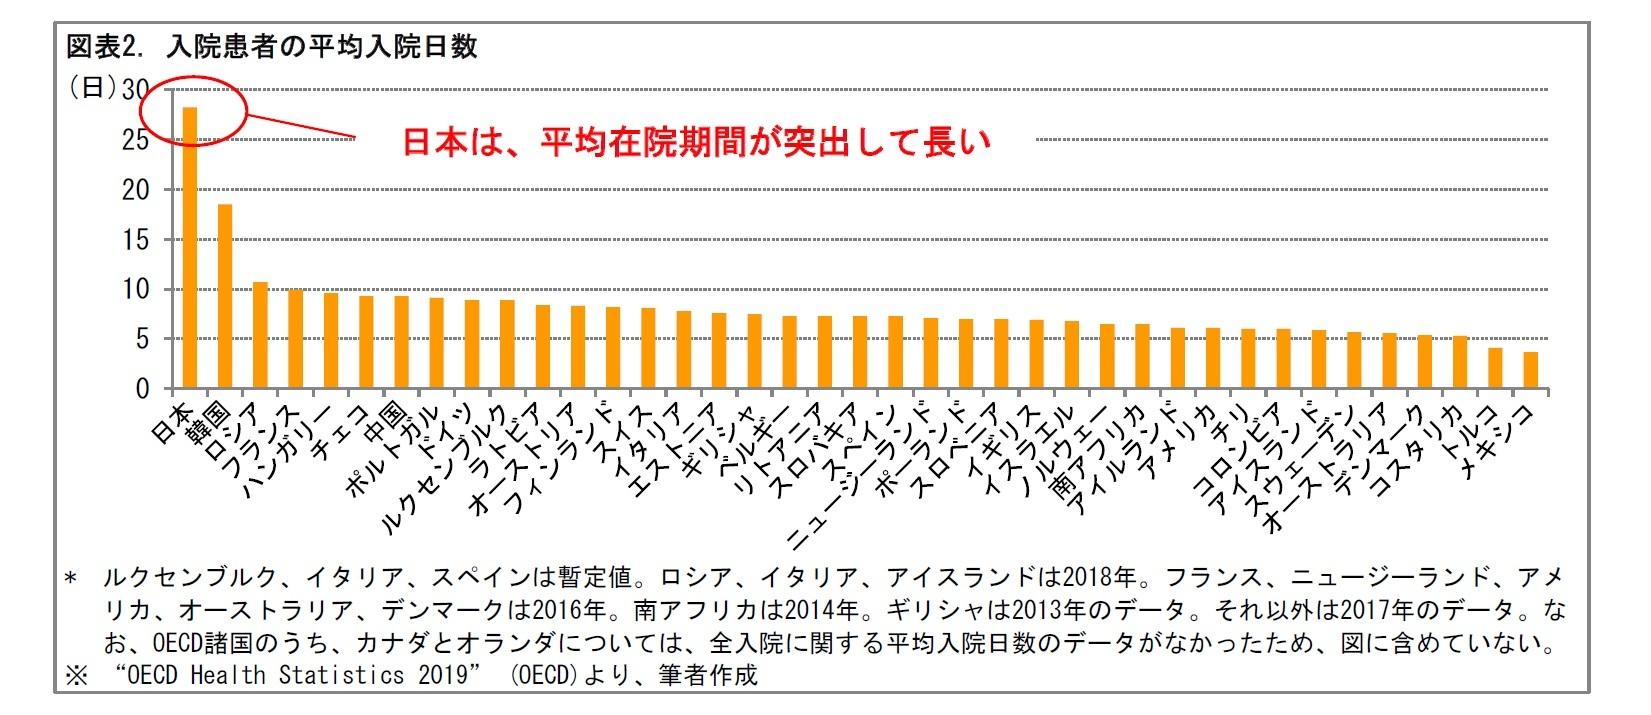 図表2. 入院患者の平均入院日数